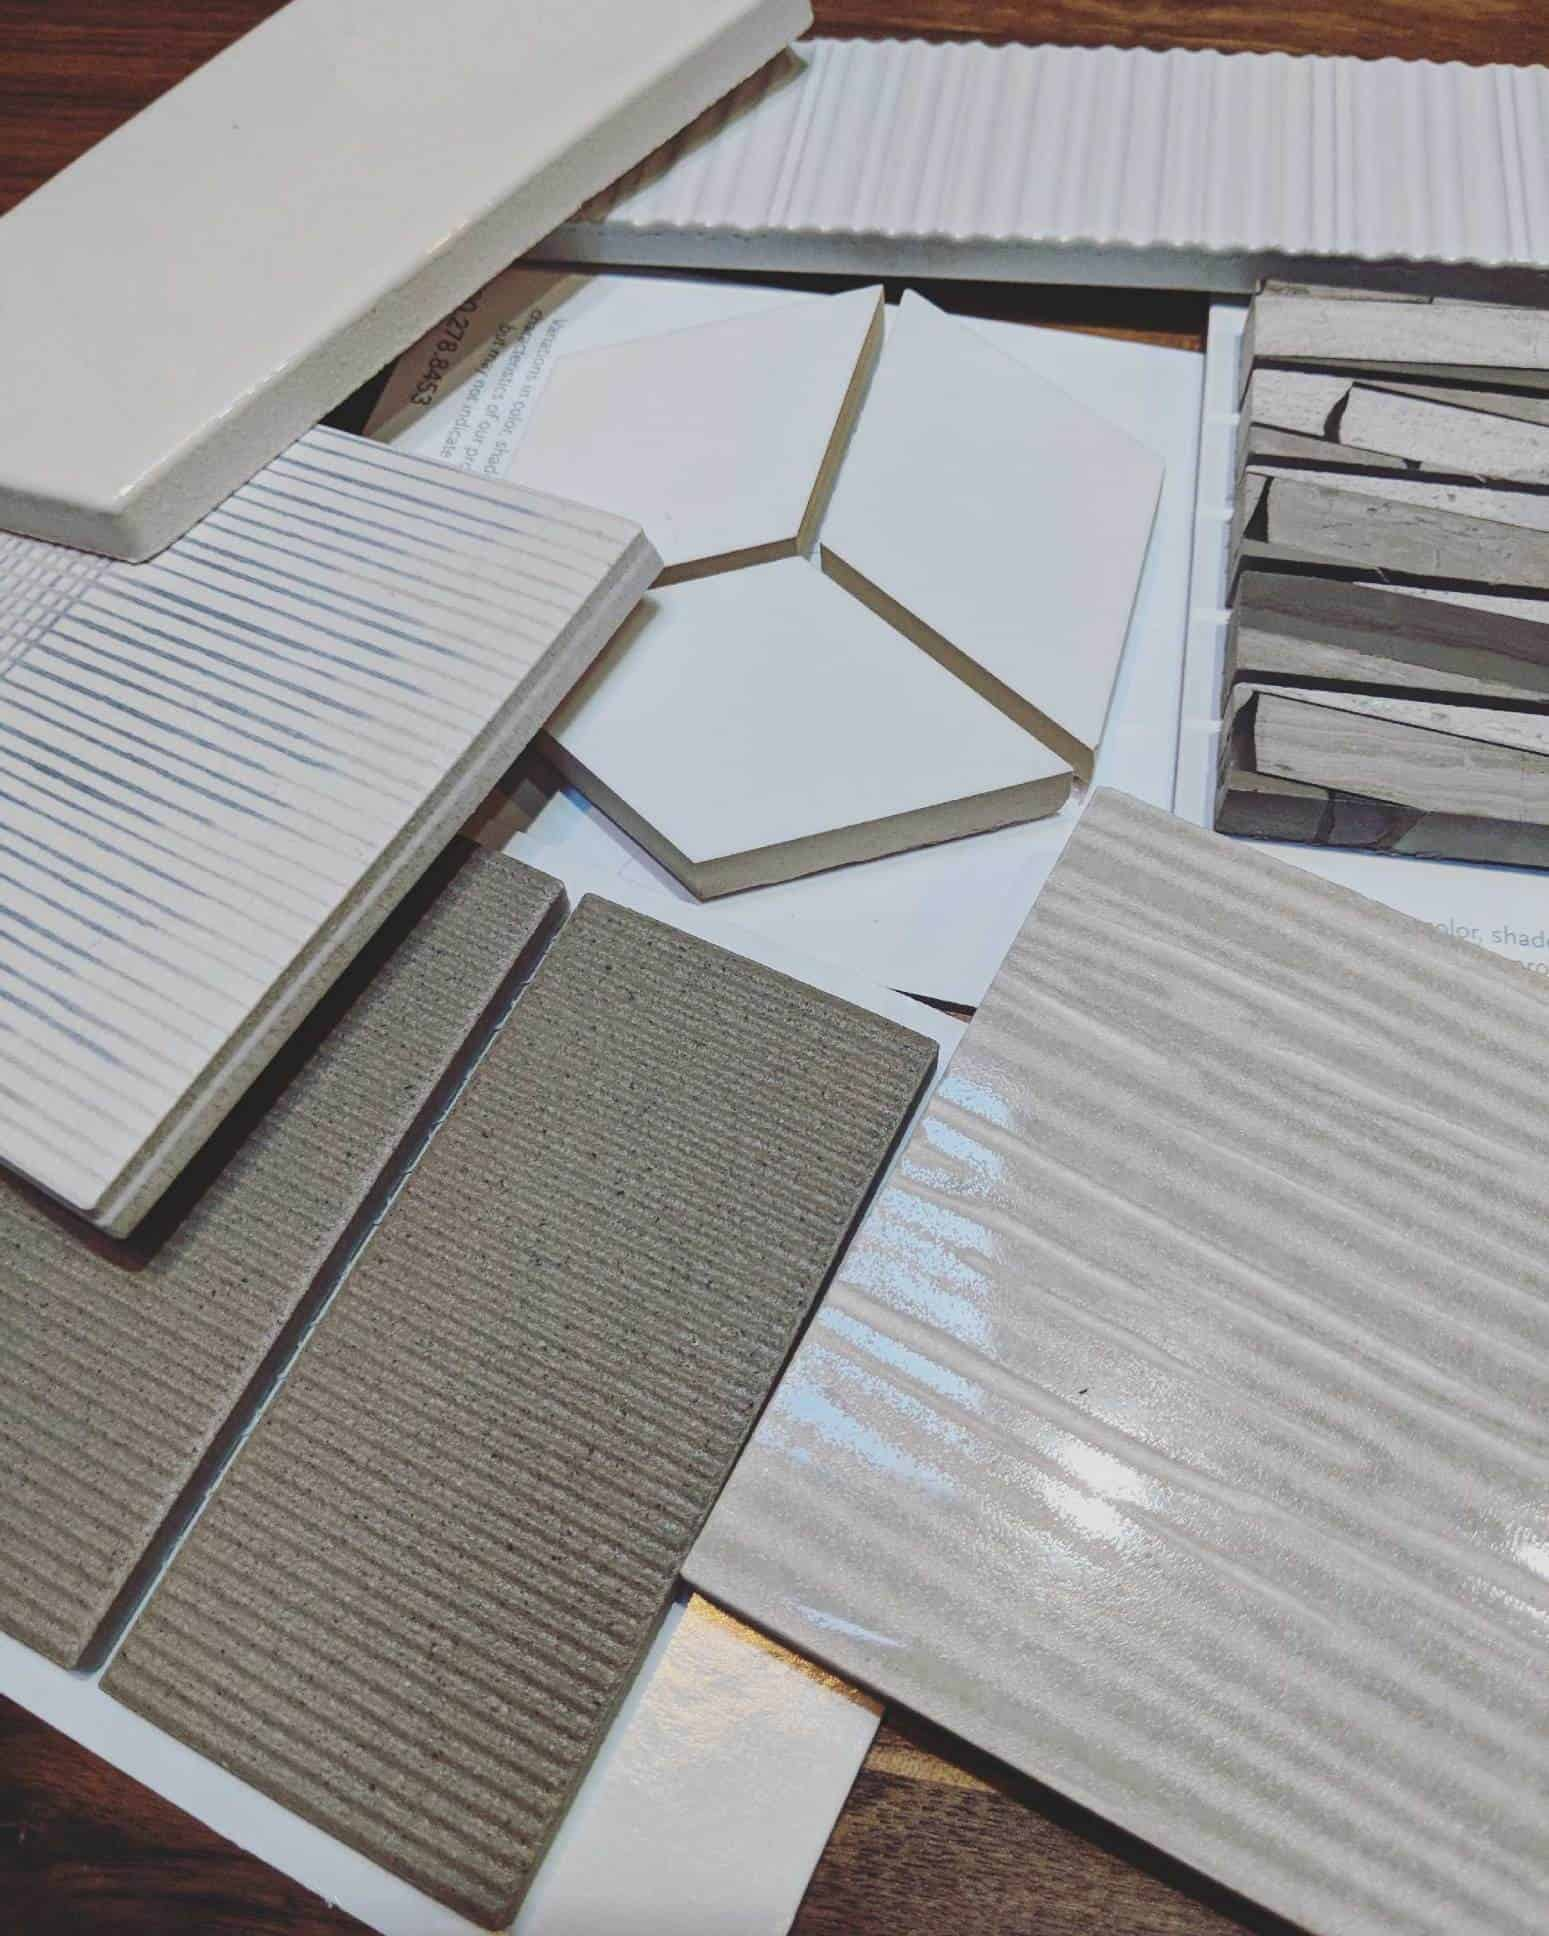 Bend Oregon Apartments: Ceramic Vs Tile » Ascent Architecture & Interiors, Bend